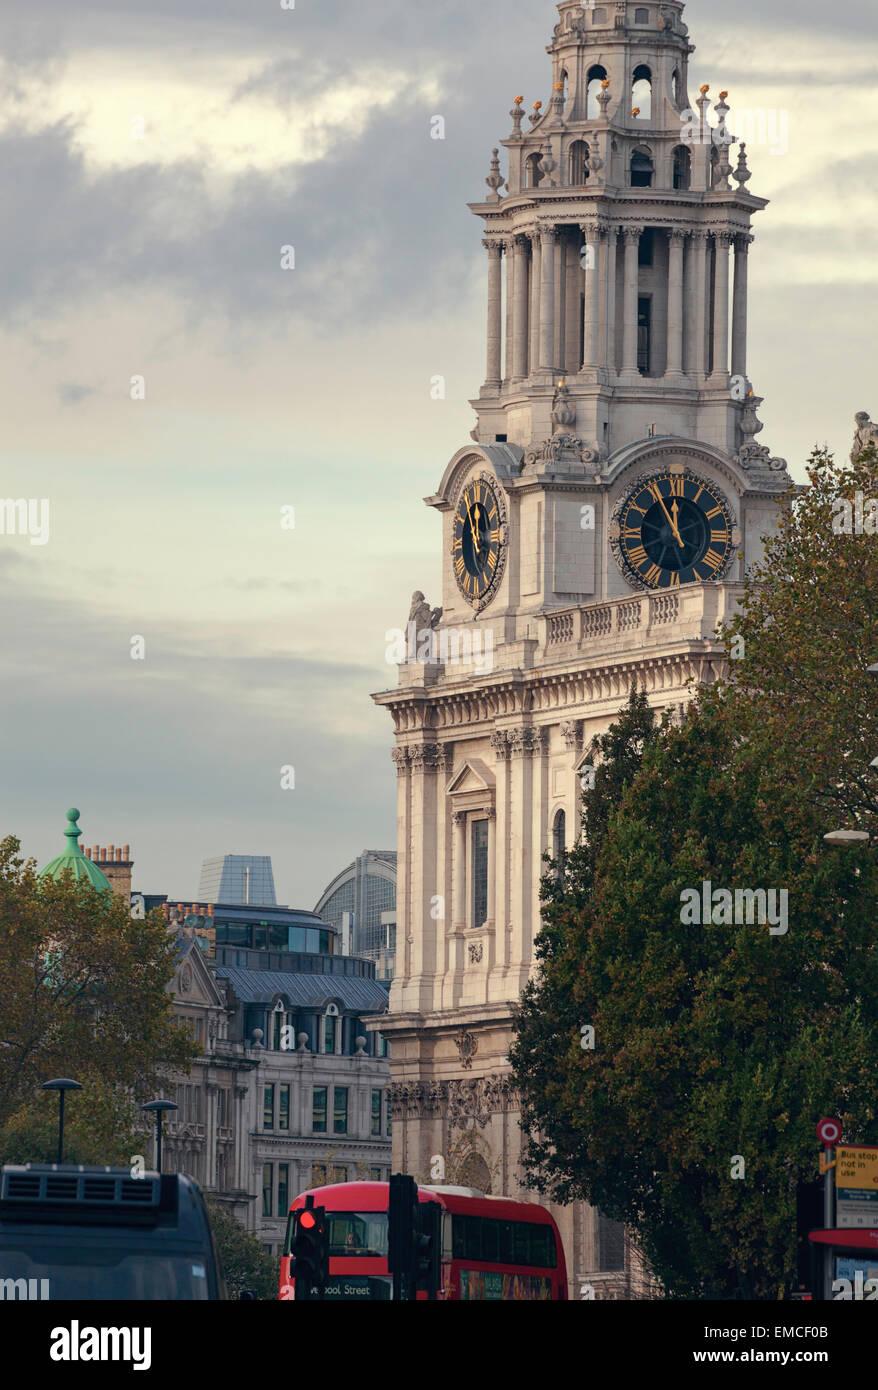 Eine geschäftige Stadt der London Street, UK. Stockbild